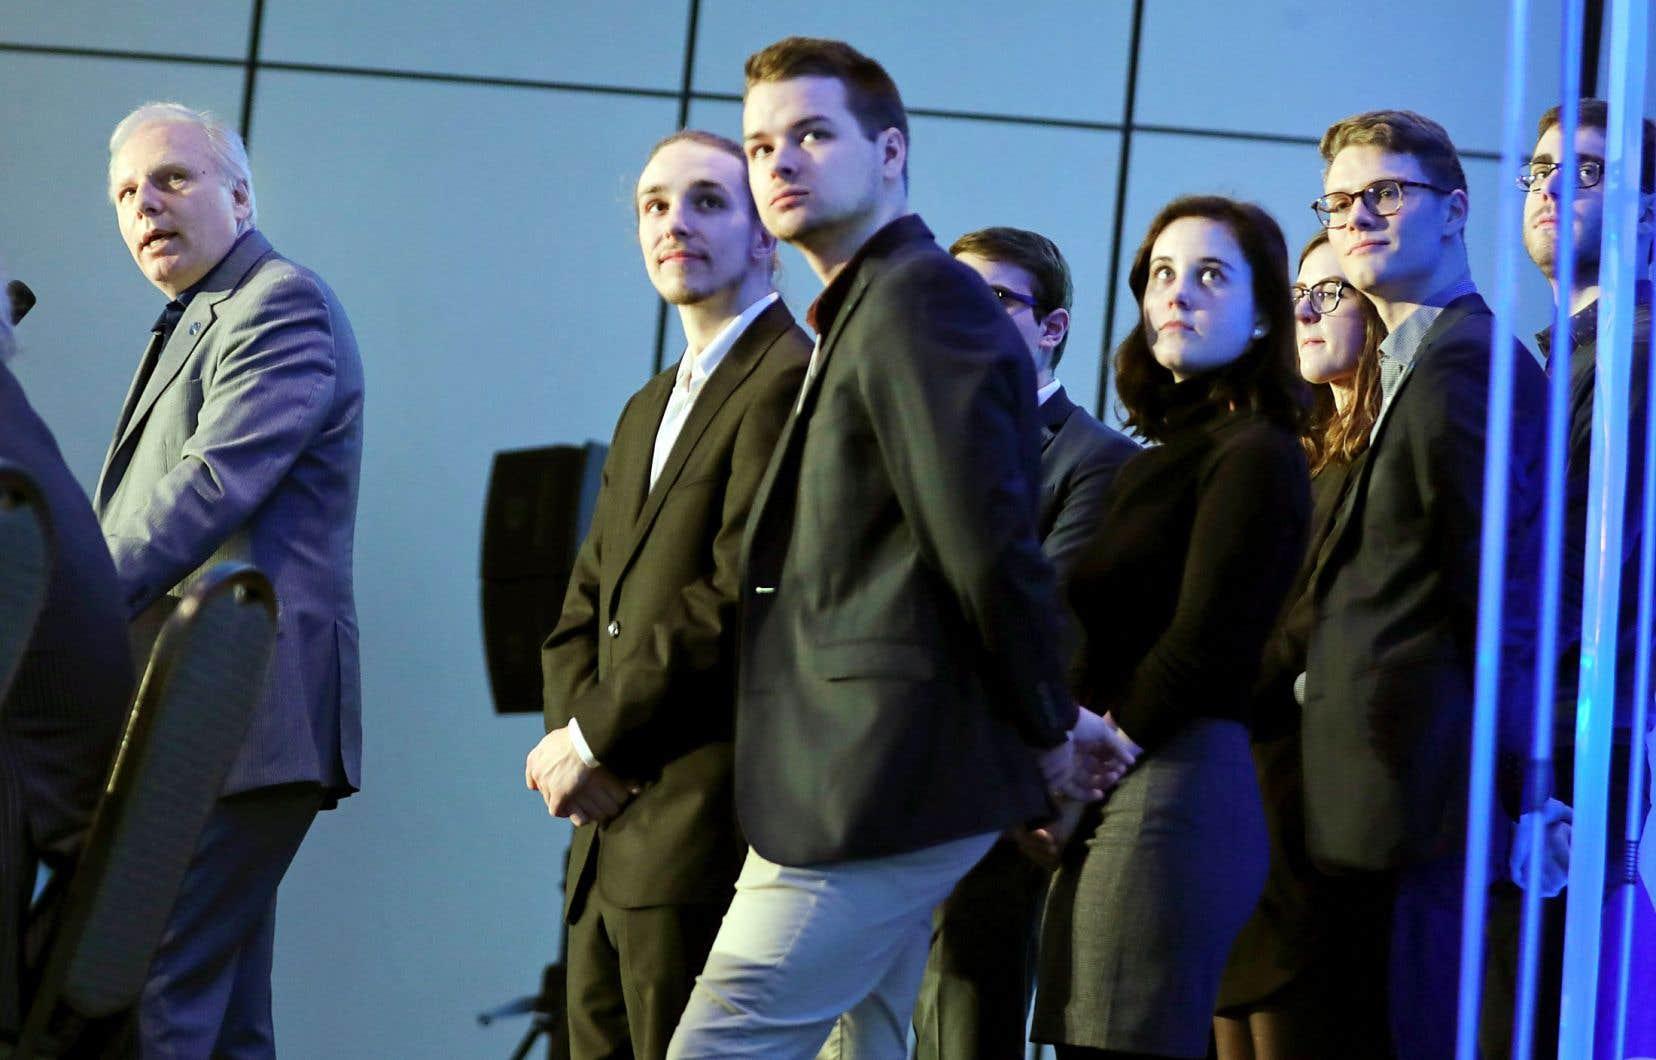 En nombre absolu, les jeunes sont toujours au Parti québécois, dernier vrai parti de militance au Québec, souligne l'auteur.